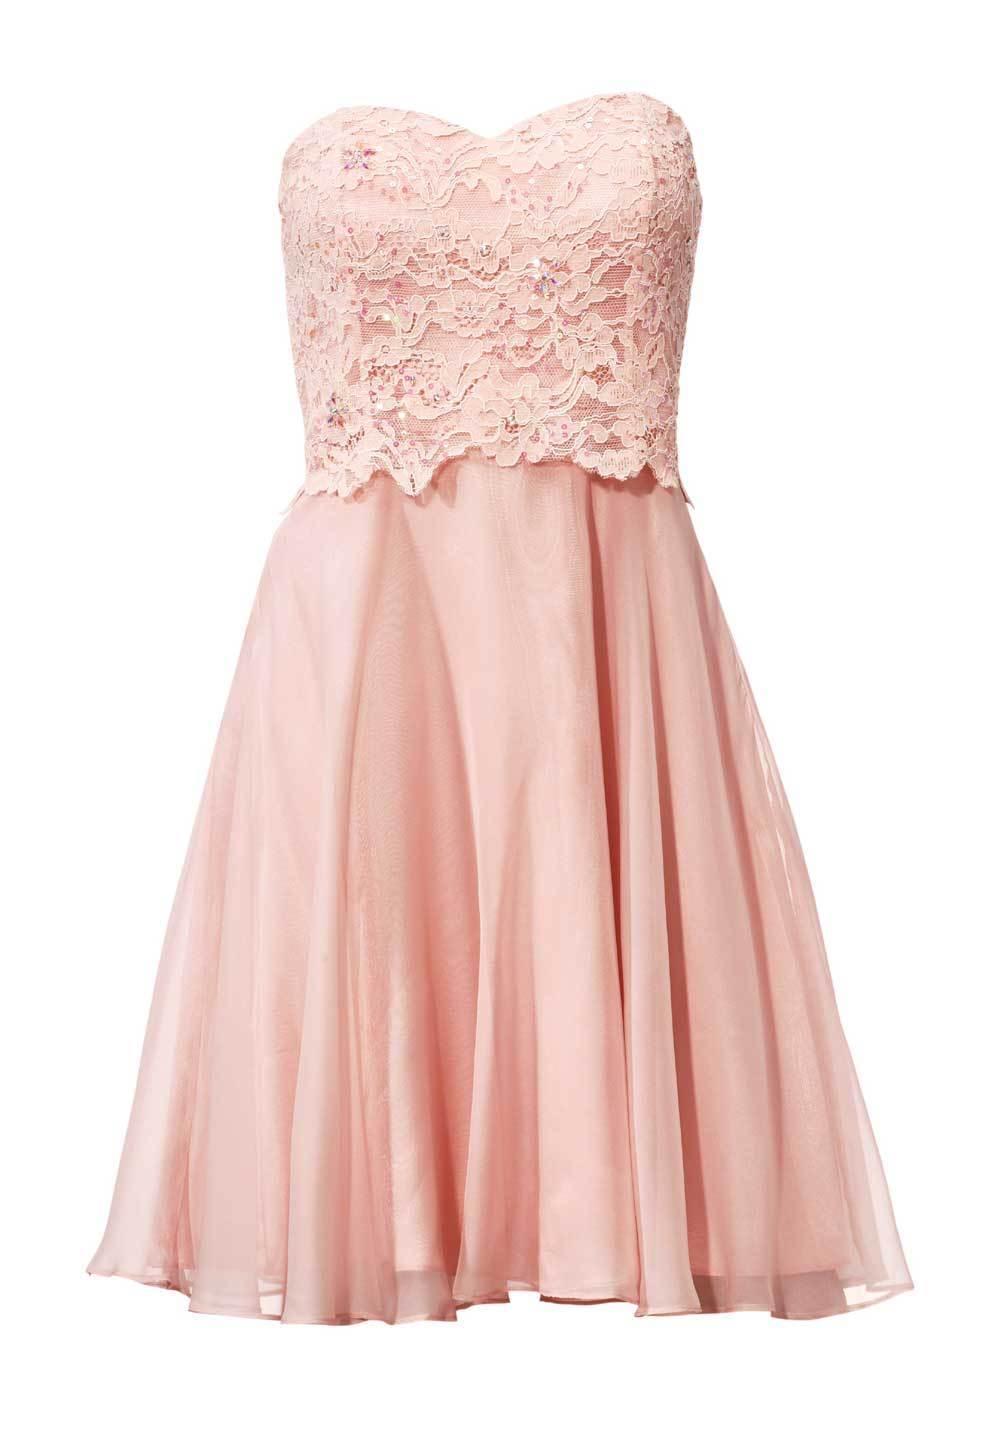 Ashley Brooke Designer Cocktailkleid m. Spitze rosé Gr 40 bis 46 Abendkleid